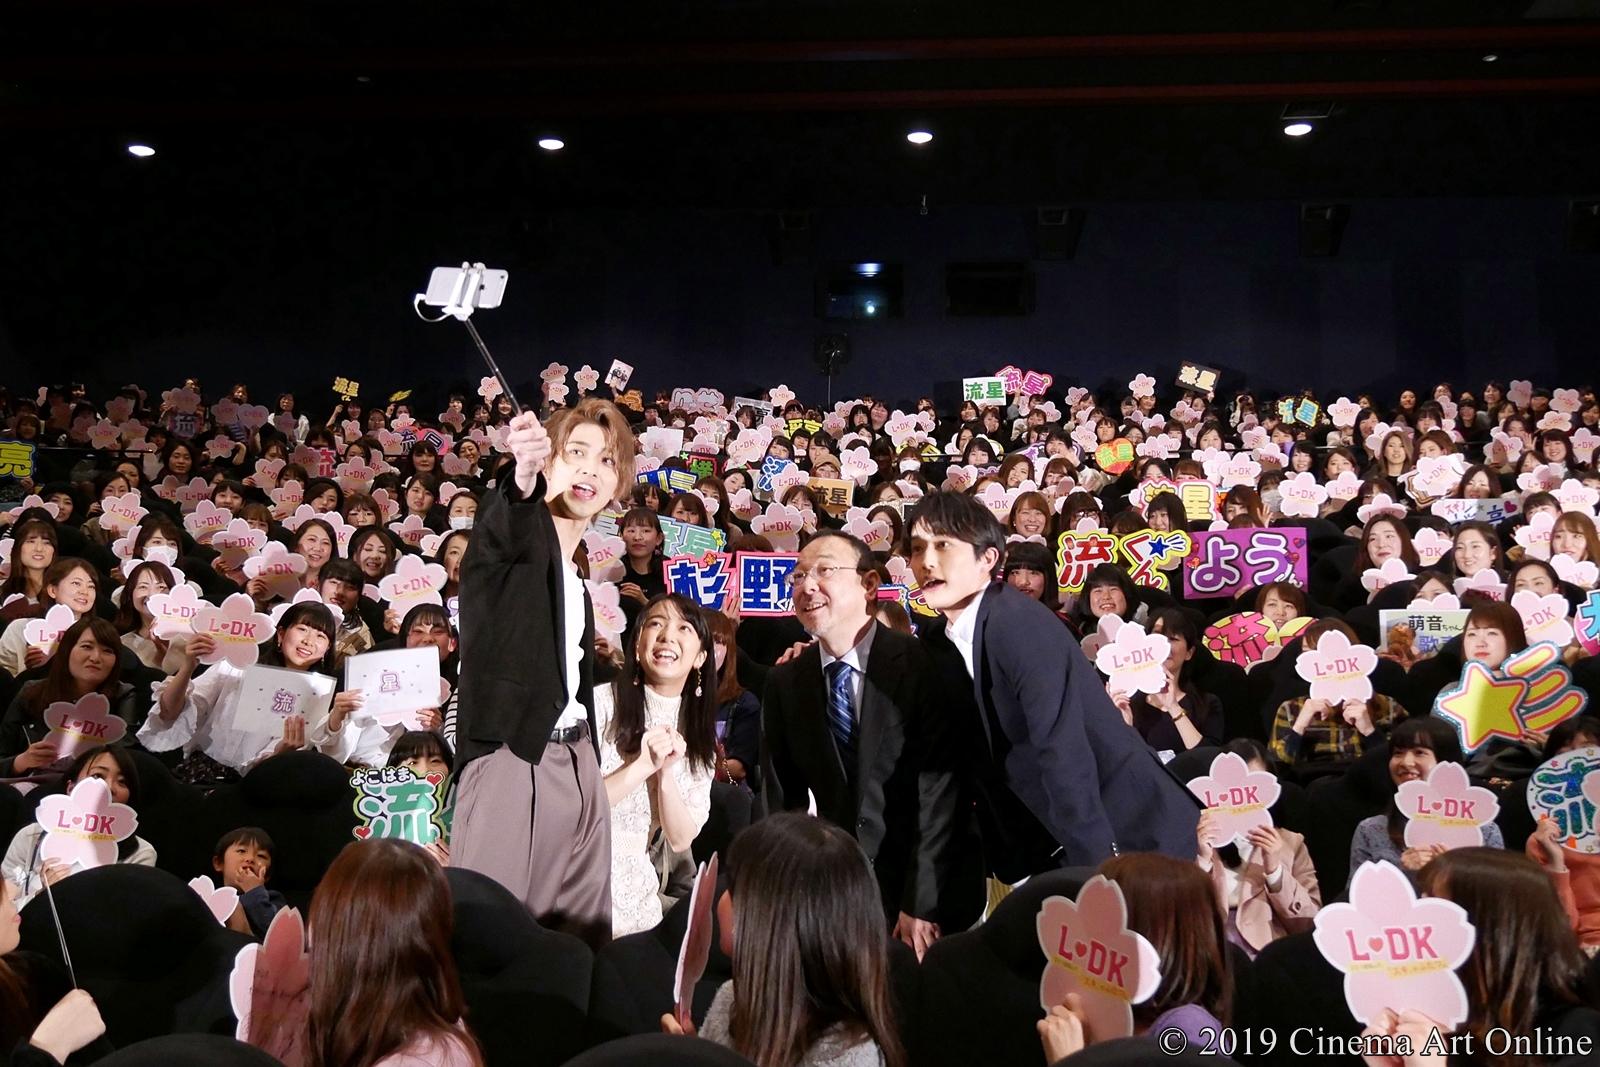 【写真】映画『L♡DKひとつ屋根の下、「スキ」がふたつ。』大ヒット記念舞台挨拶 (観客と一緒に自撮り)